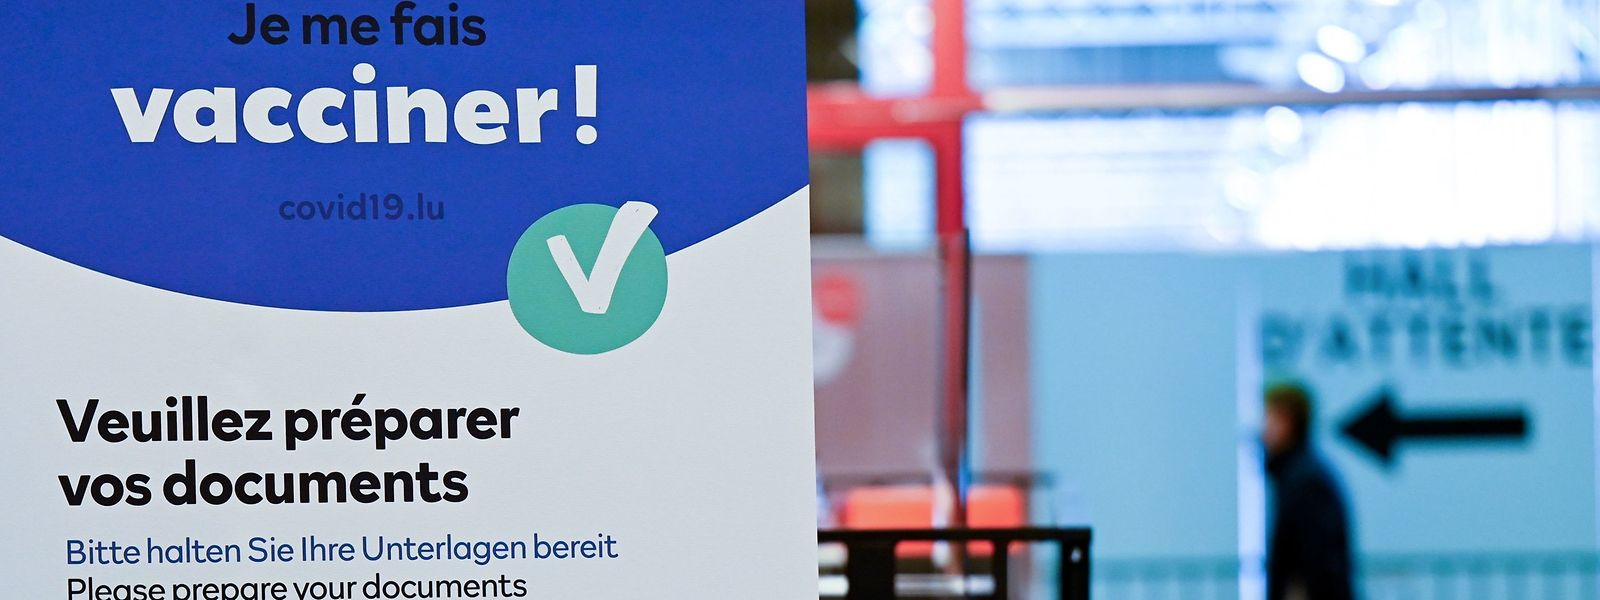 Die Impfkampagne in Luxemburg schreitet immer schneller voran.